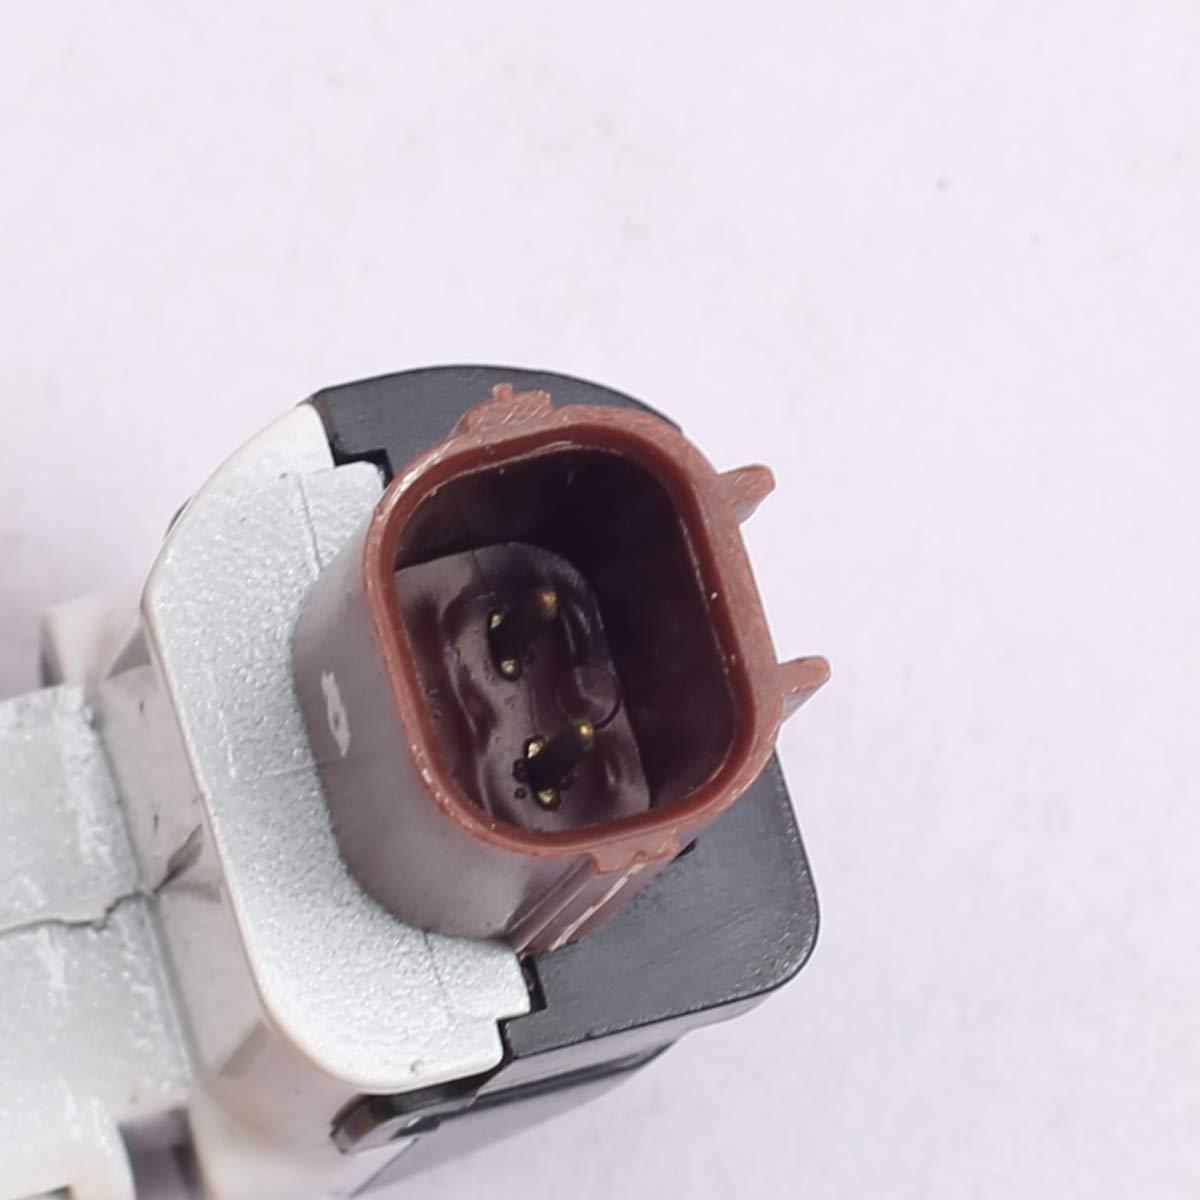 White CENTAURUS 39680-SHJ-A61 PDC Parking Assist Sensor 39680-SHJ-A61-A0 Replacement For 2005-2010 Honda Odyssey 2004-2013 CRV